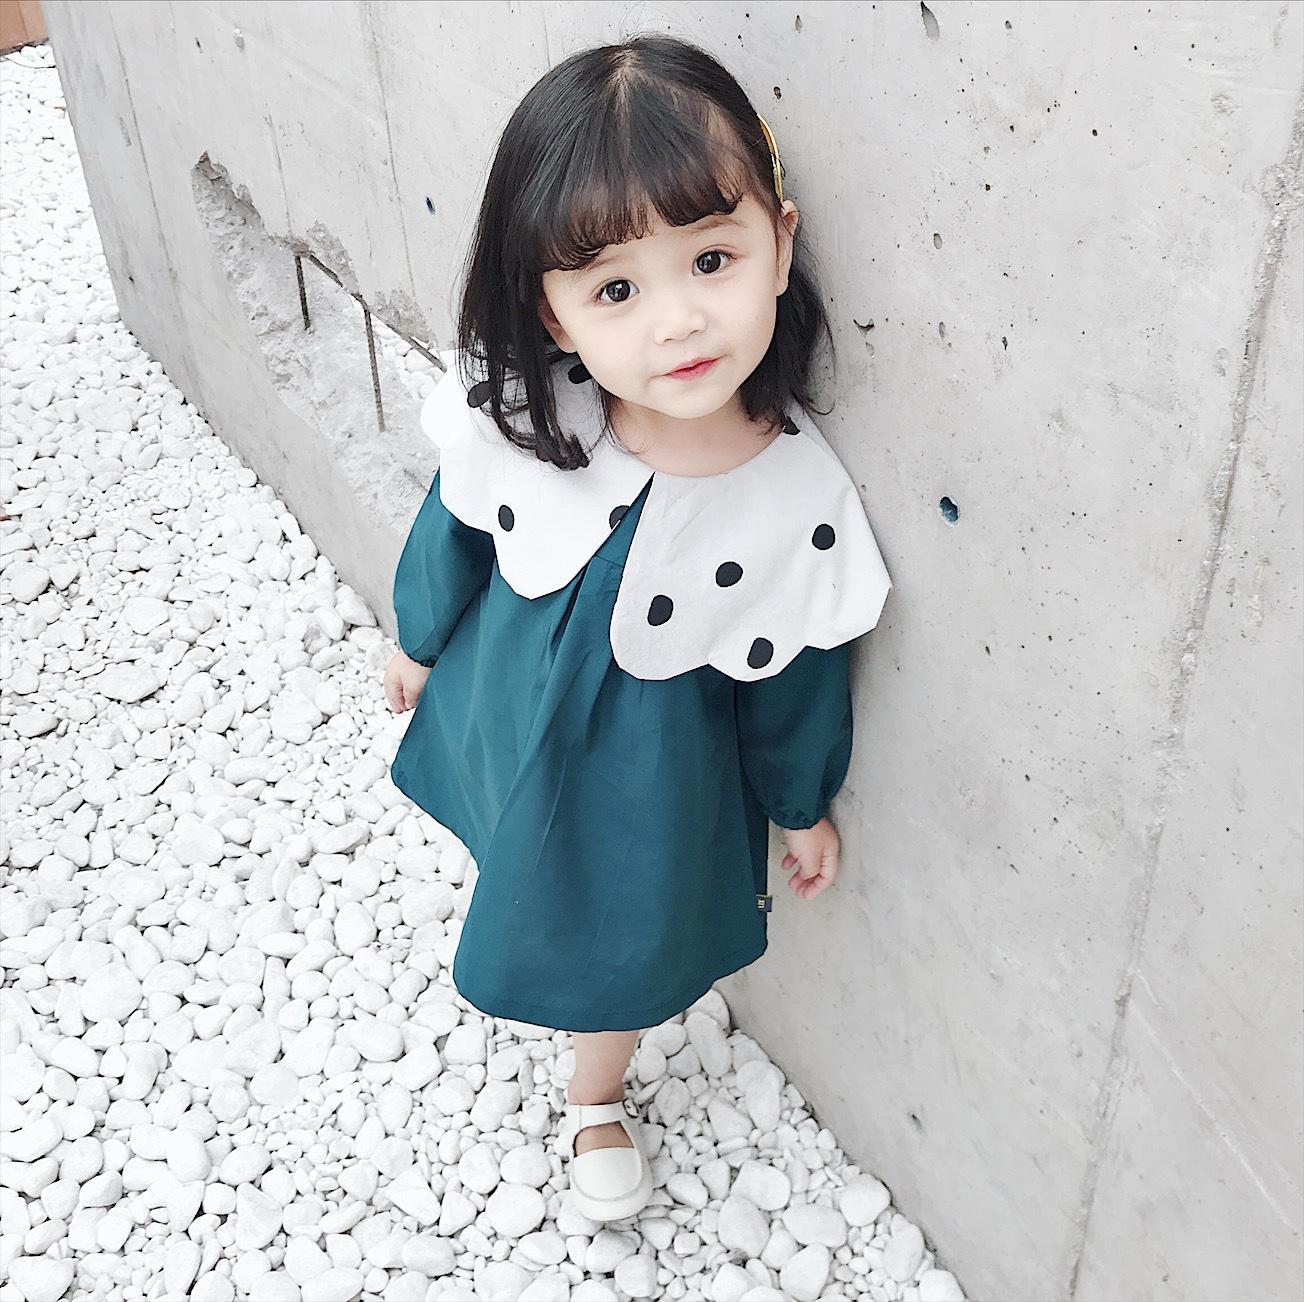 女童娃娃领连衣裙2019春款韩版休闲长袖女孩子新款波点圆领连衣裙